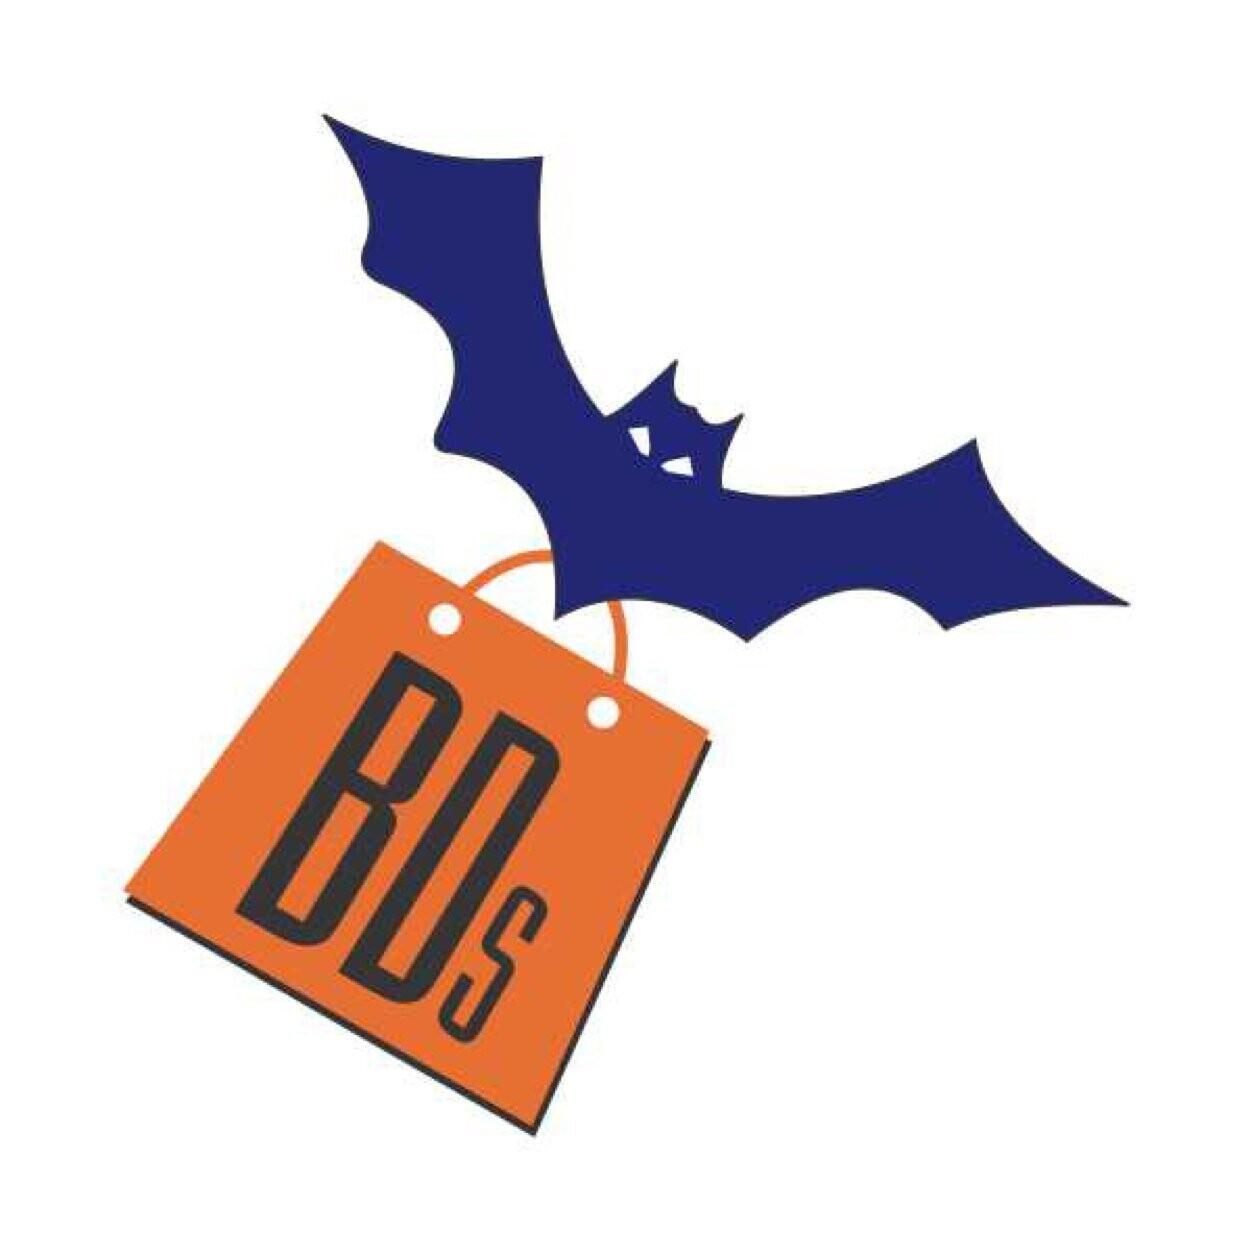 Batsondelivery